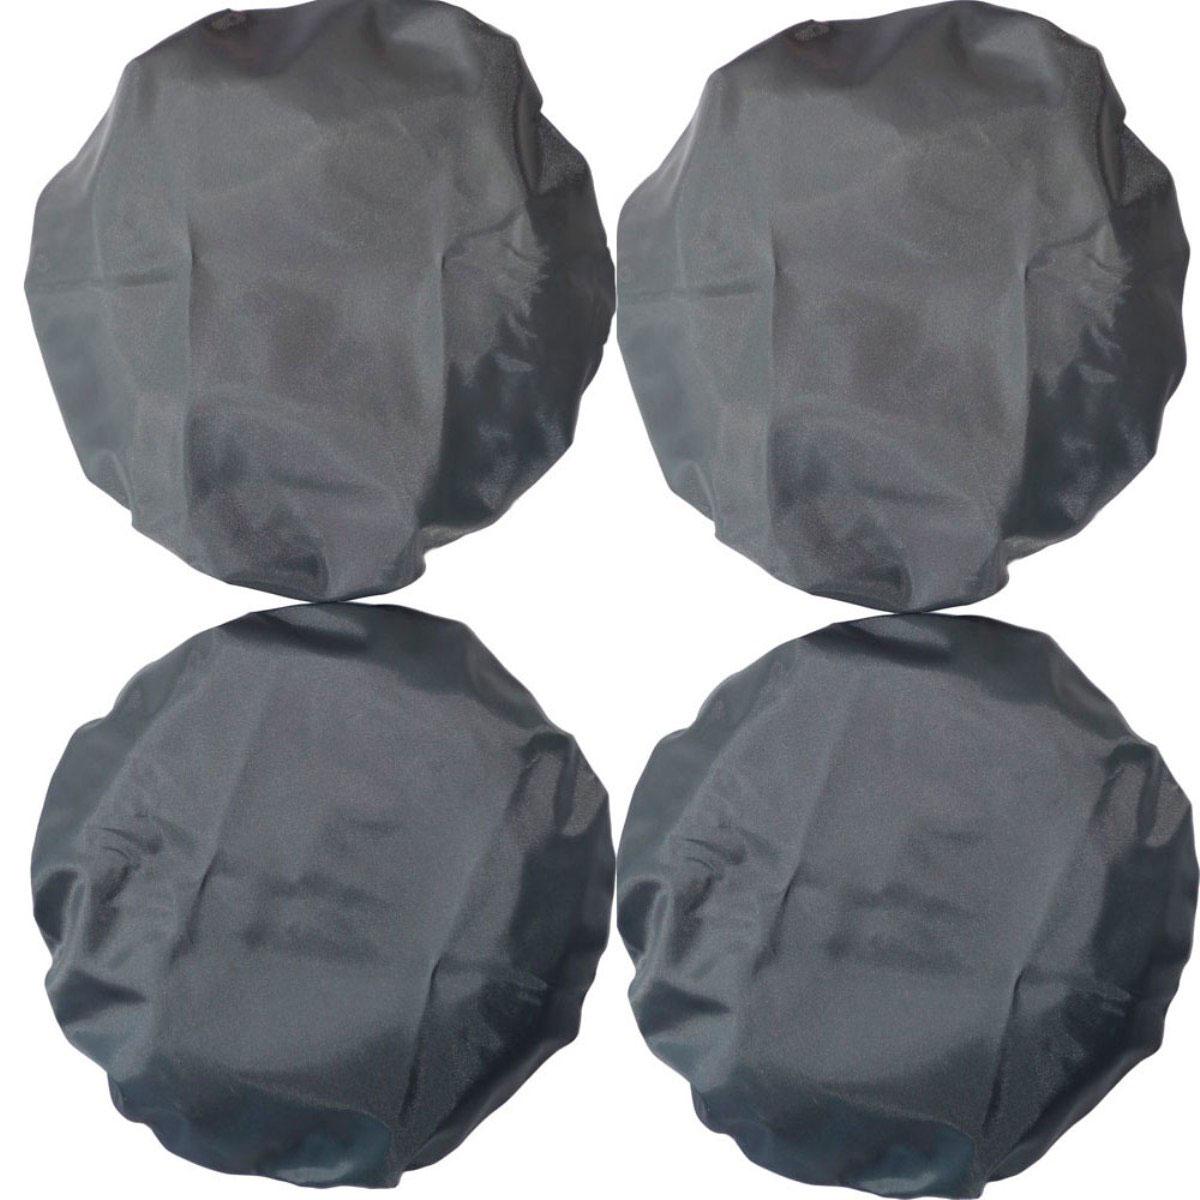 Чудо-Чадо Чехлы на колеса для коляски диаметр 40-45 см цвет мокрый асфальт 4 шт -  Коляски и аксессуары